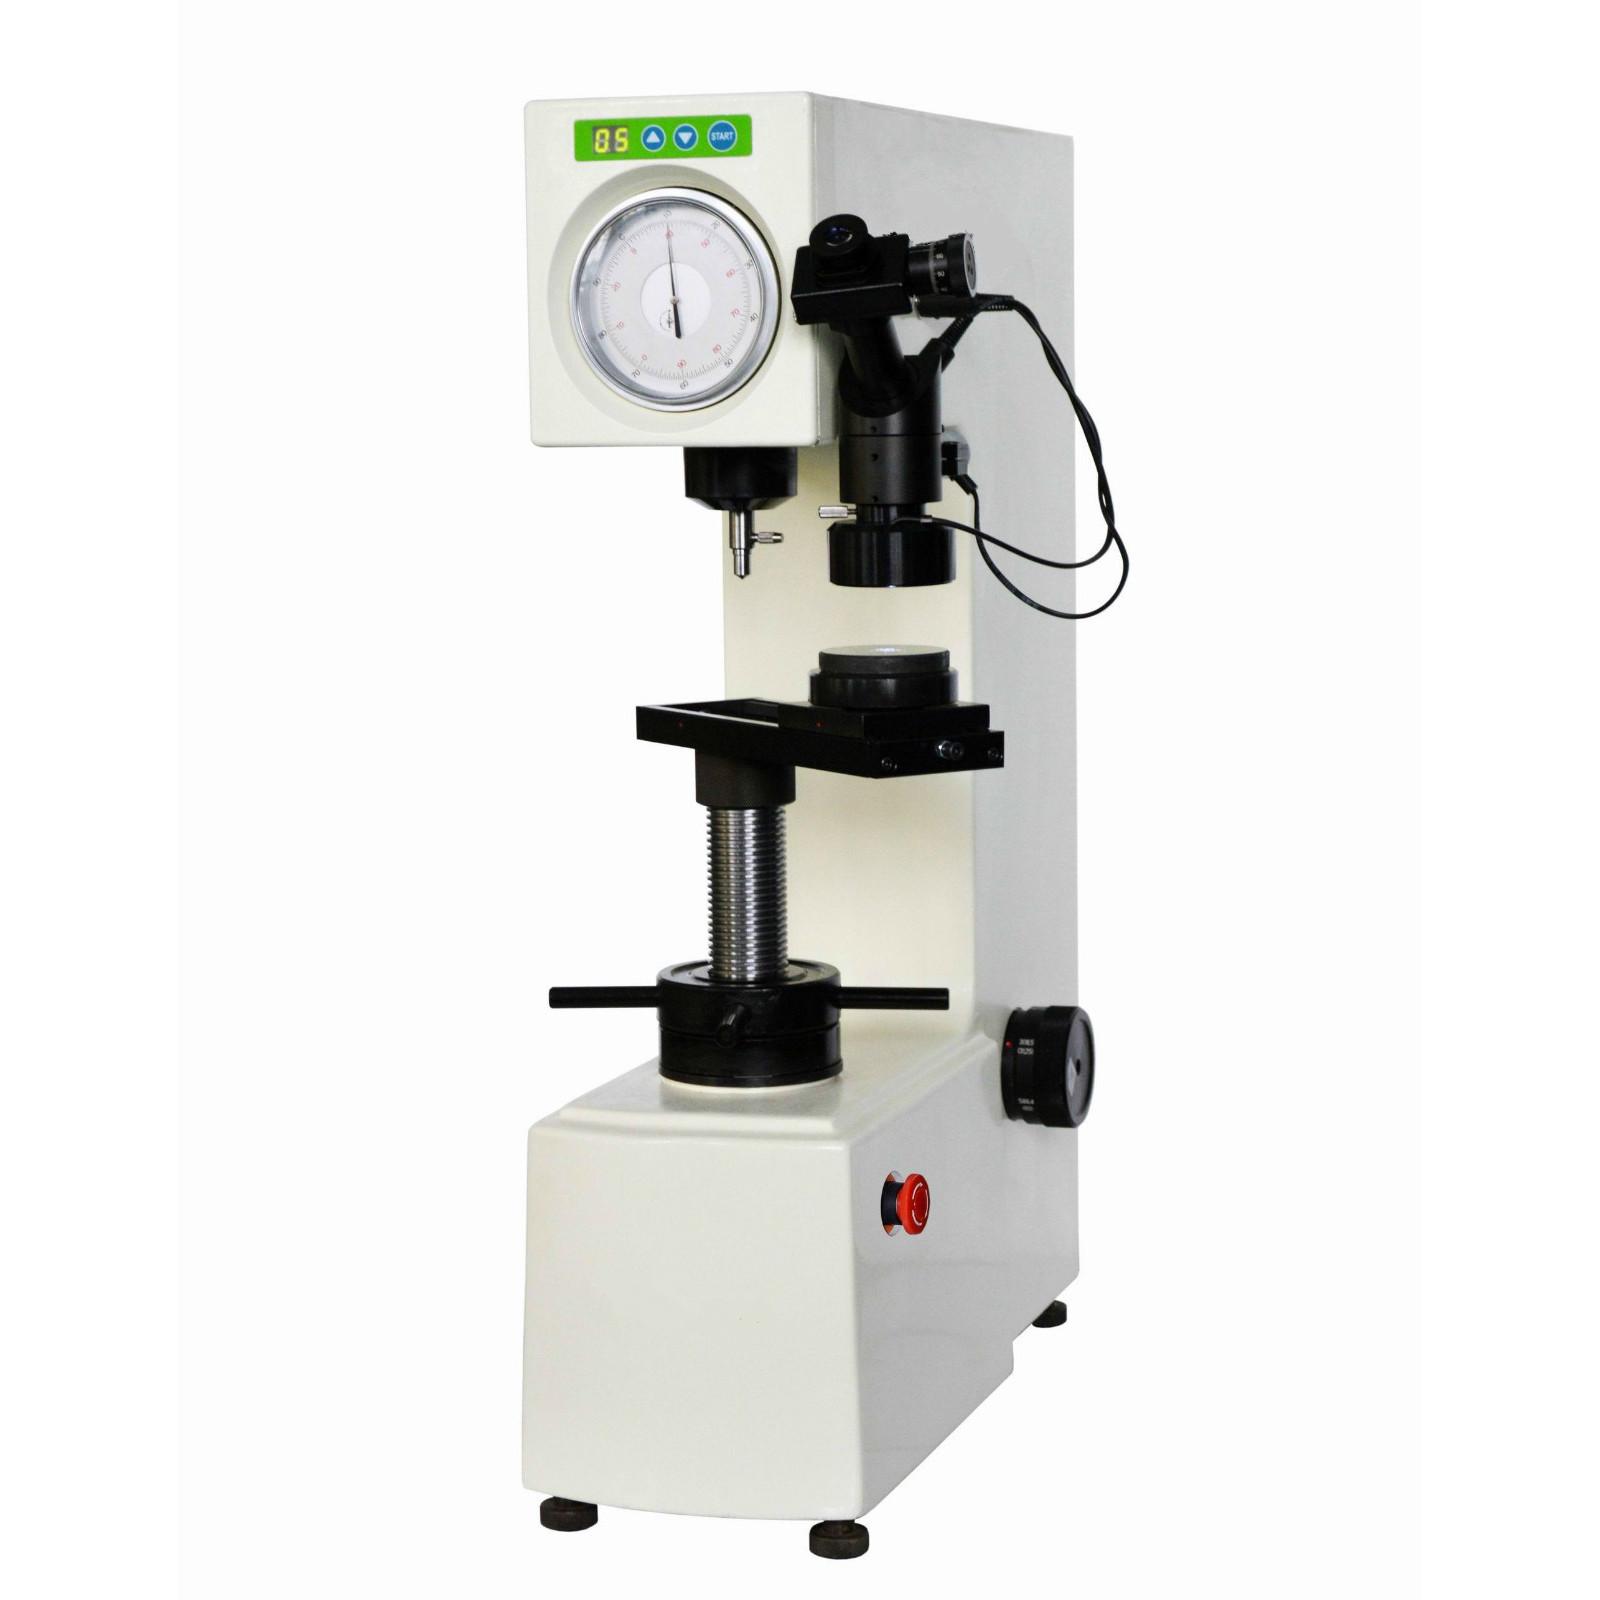 TIME®HBRV-187.5 Universal Hardness Tester